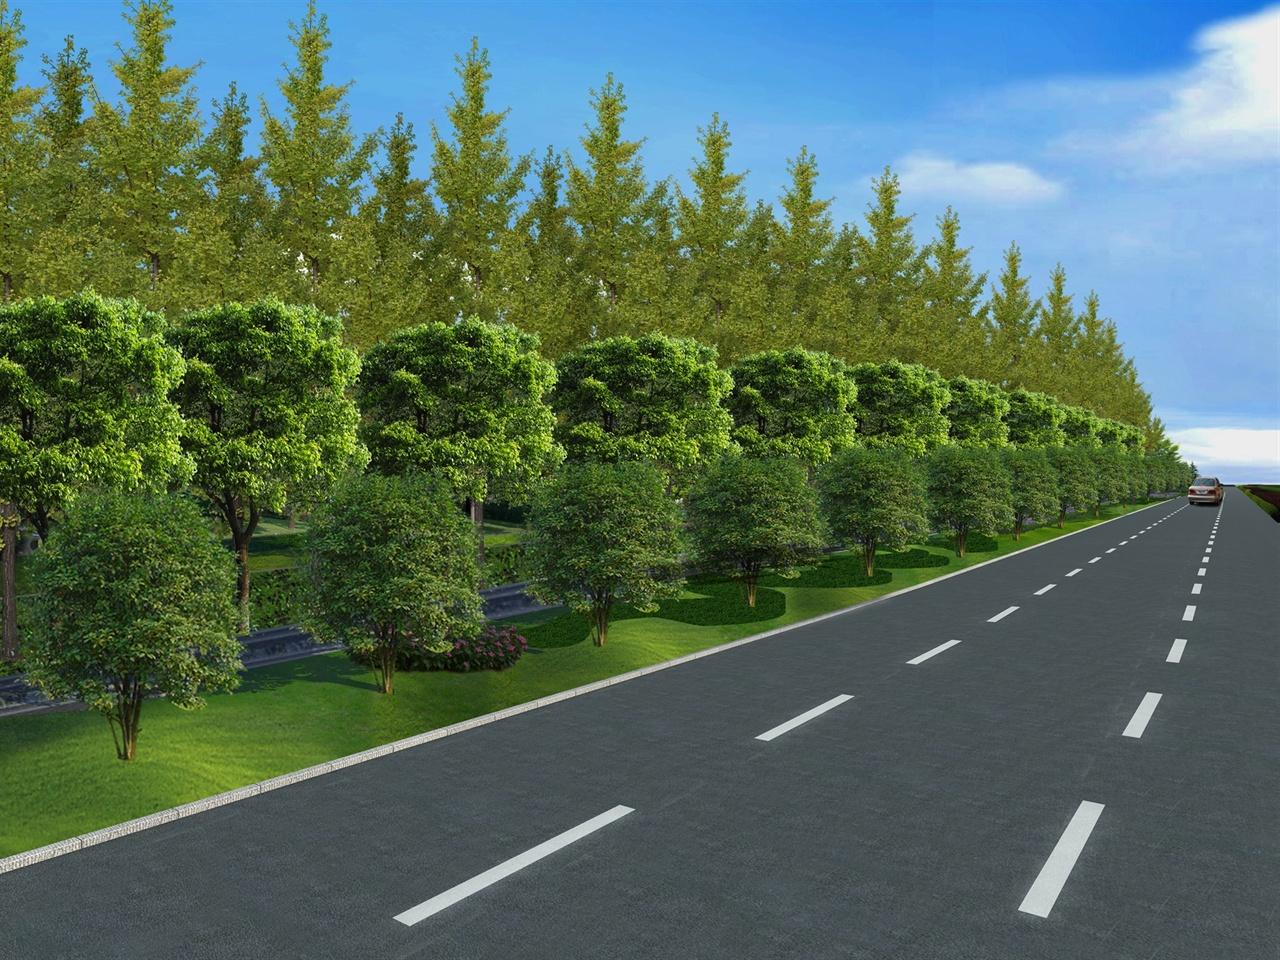 港化路公路边蝠绿化效果